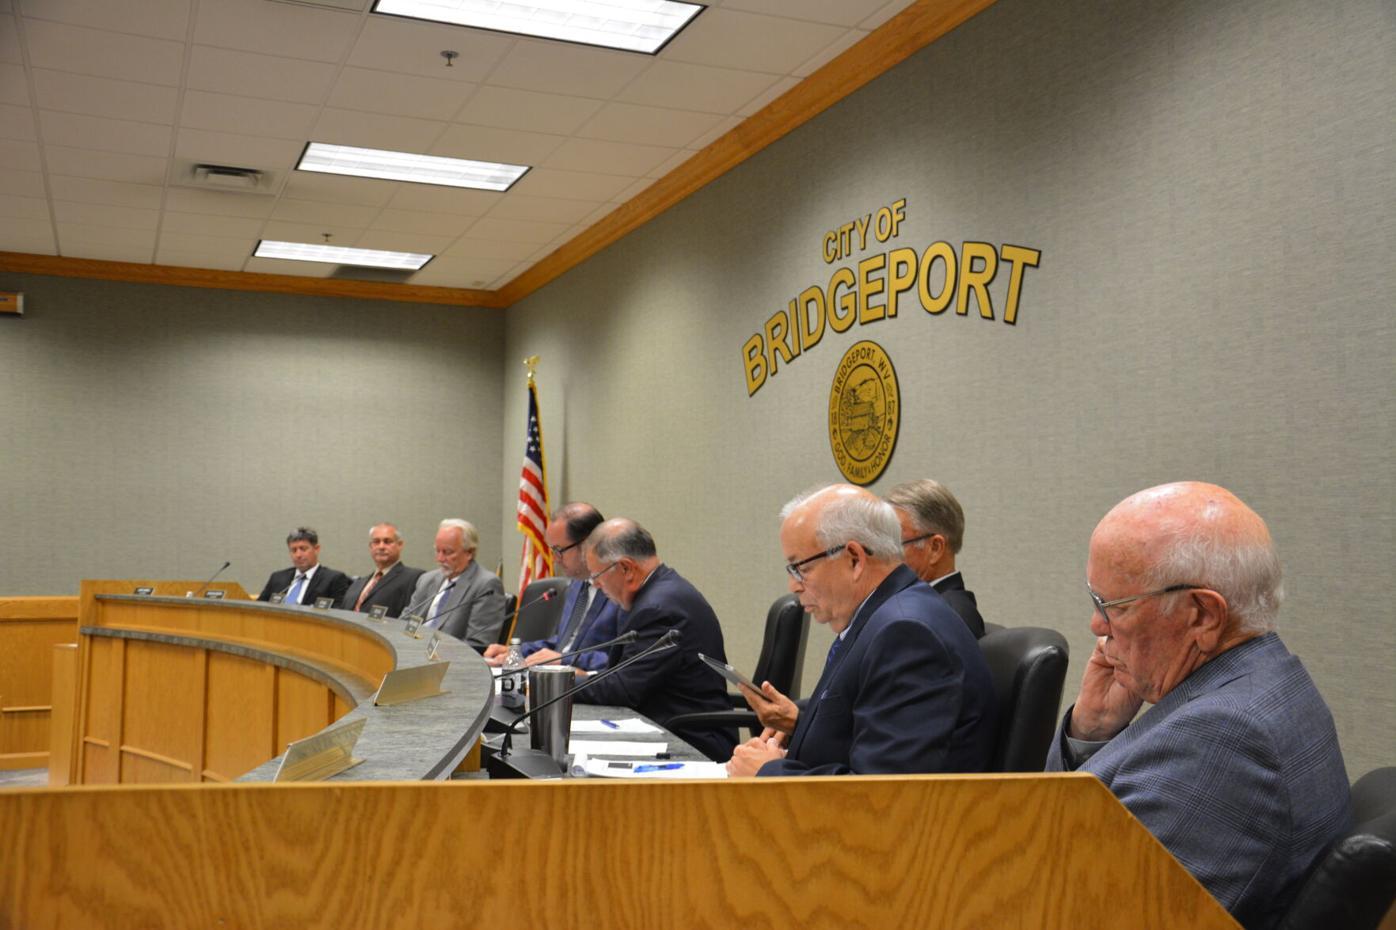 Bridgeport City Council vote